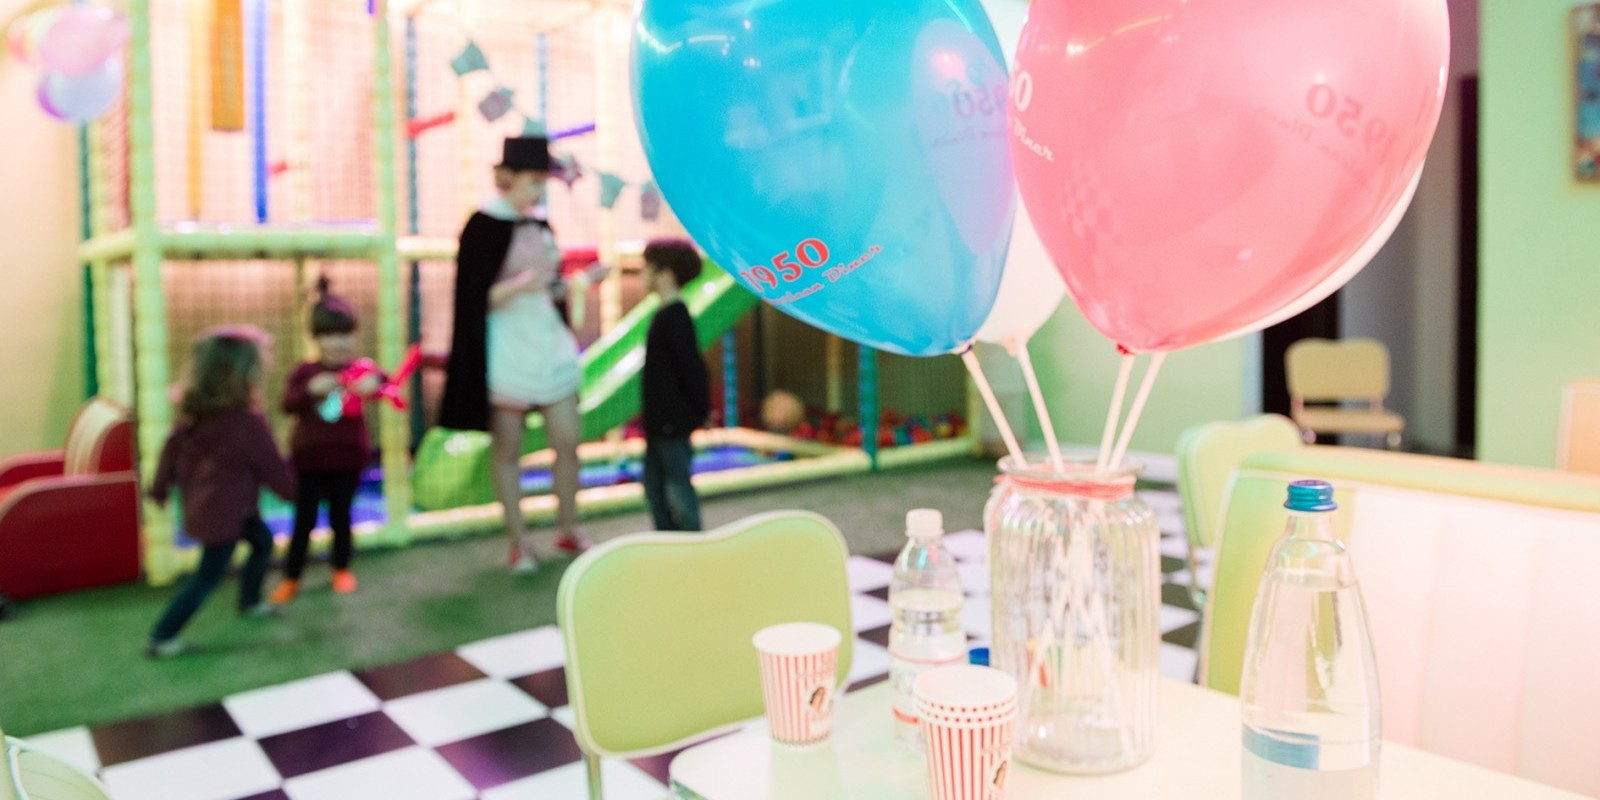 I locali di Firenze dove organizzare le feste di compleanno per i